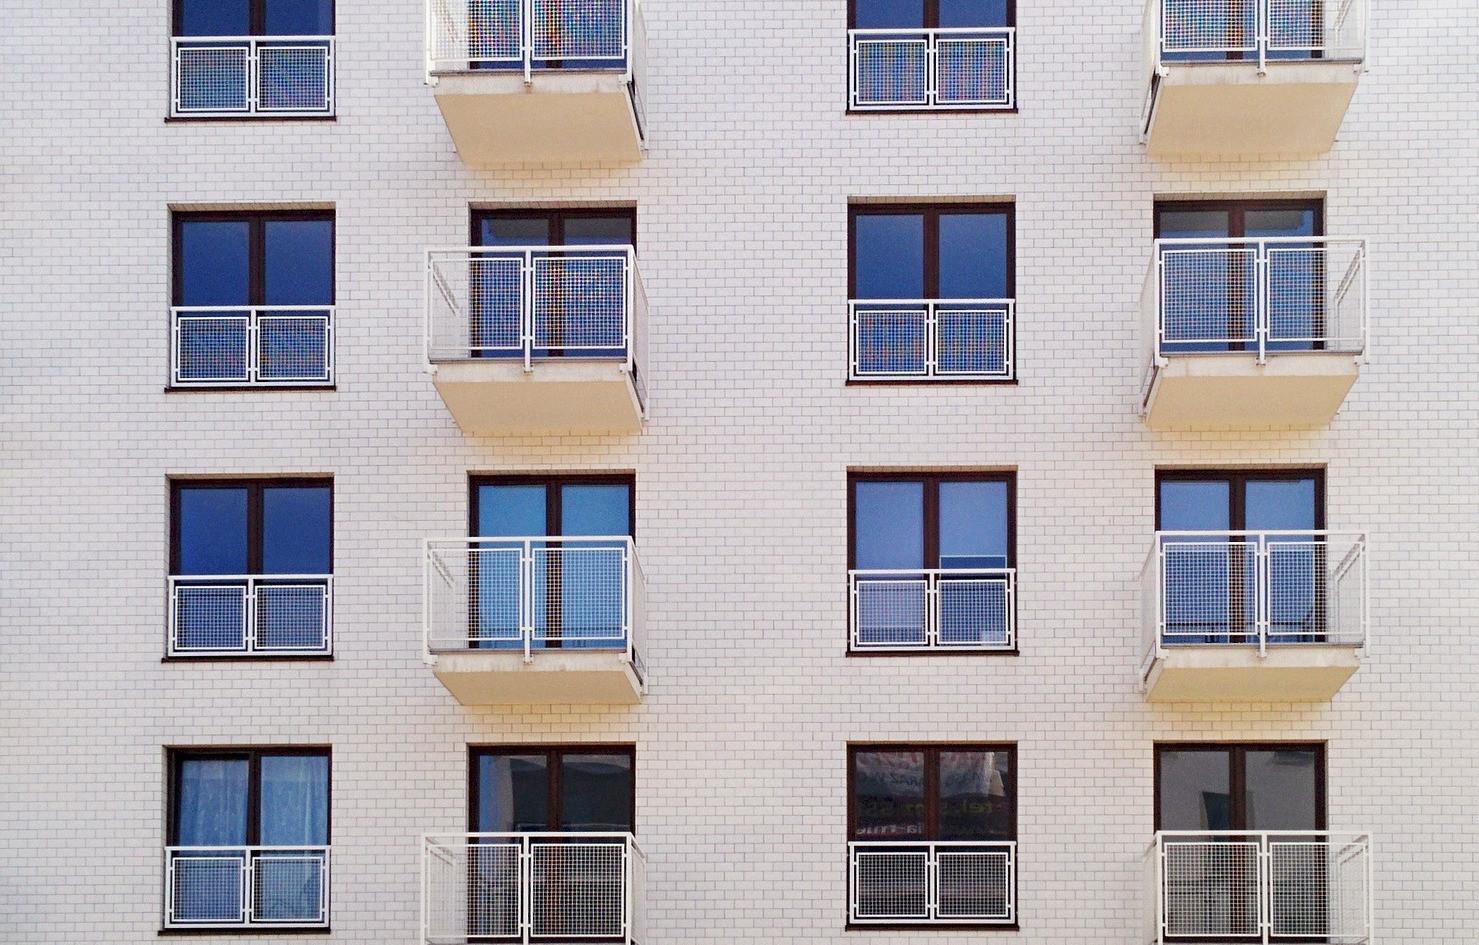 Wohnbauten